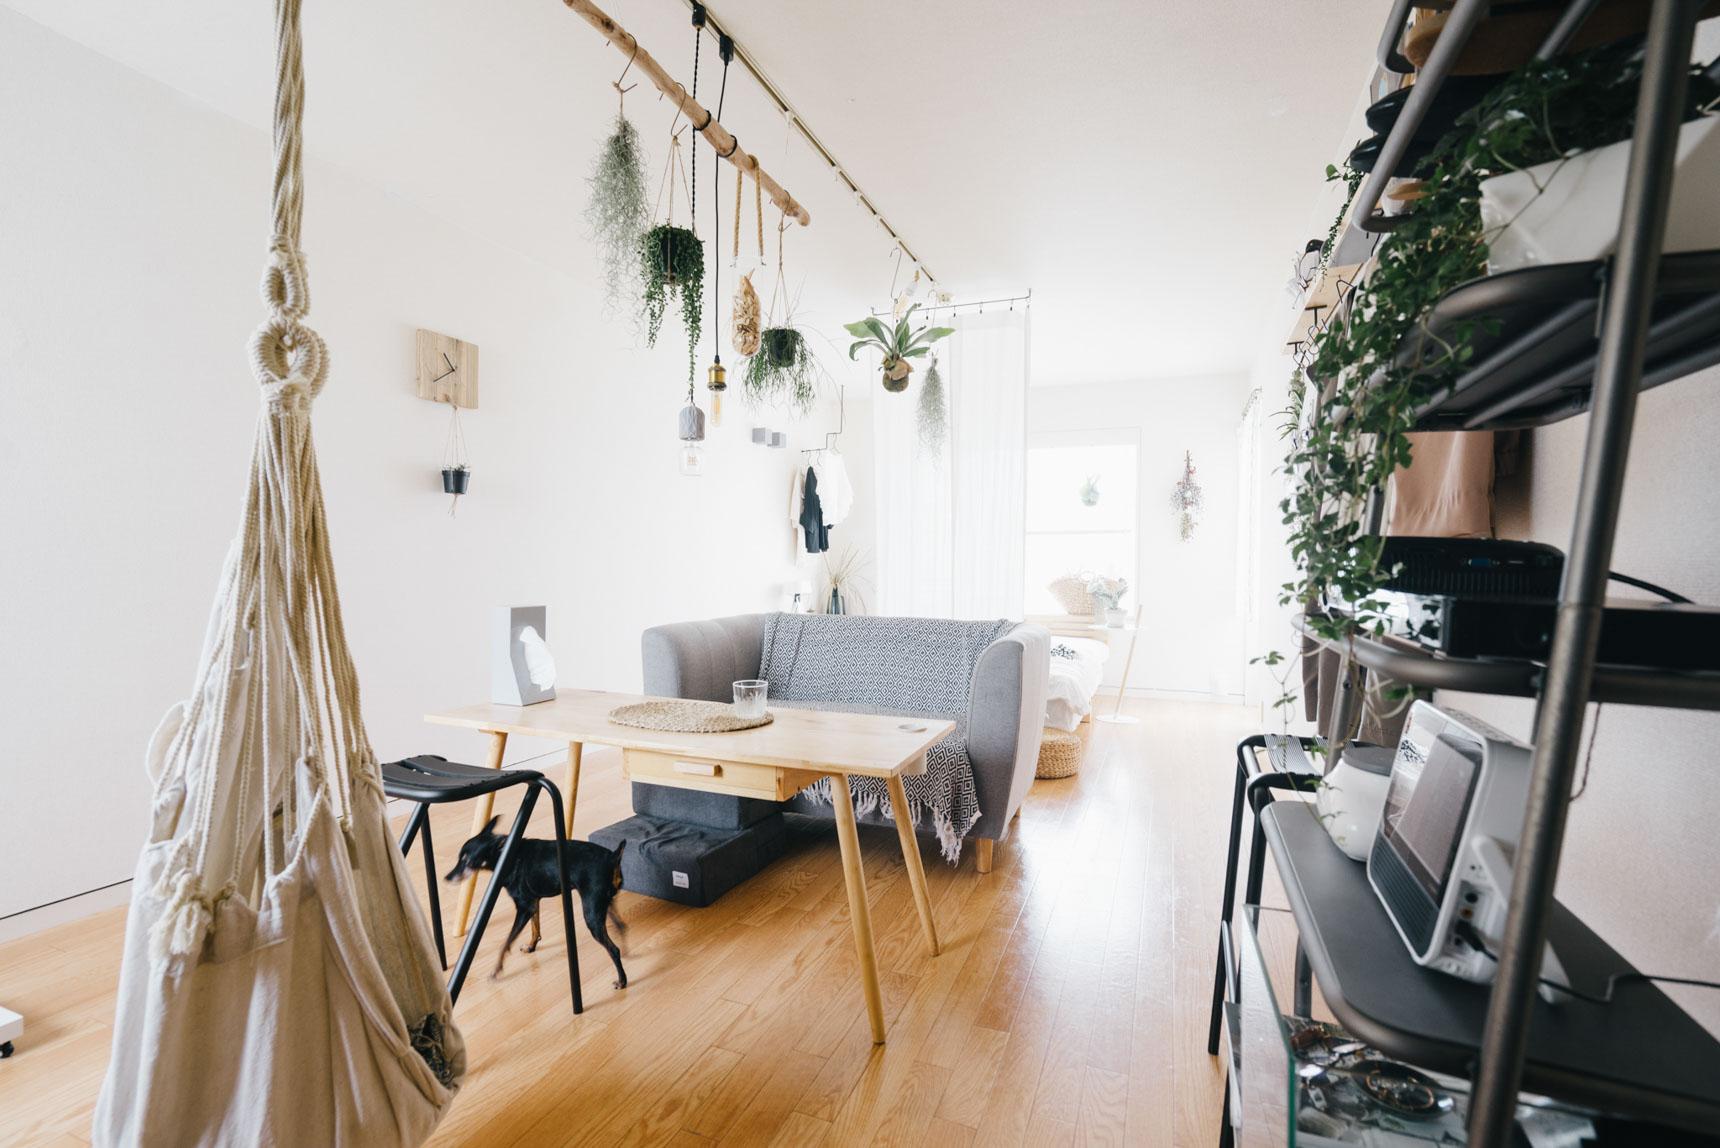 広いお部屋ですが、家具は最小限に抑えてシンプルに暮らしてらっしゃいます。